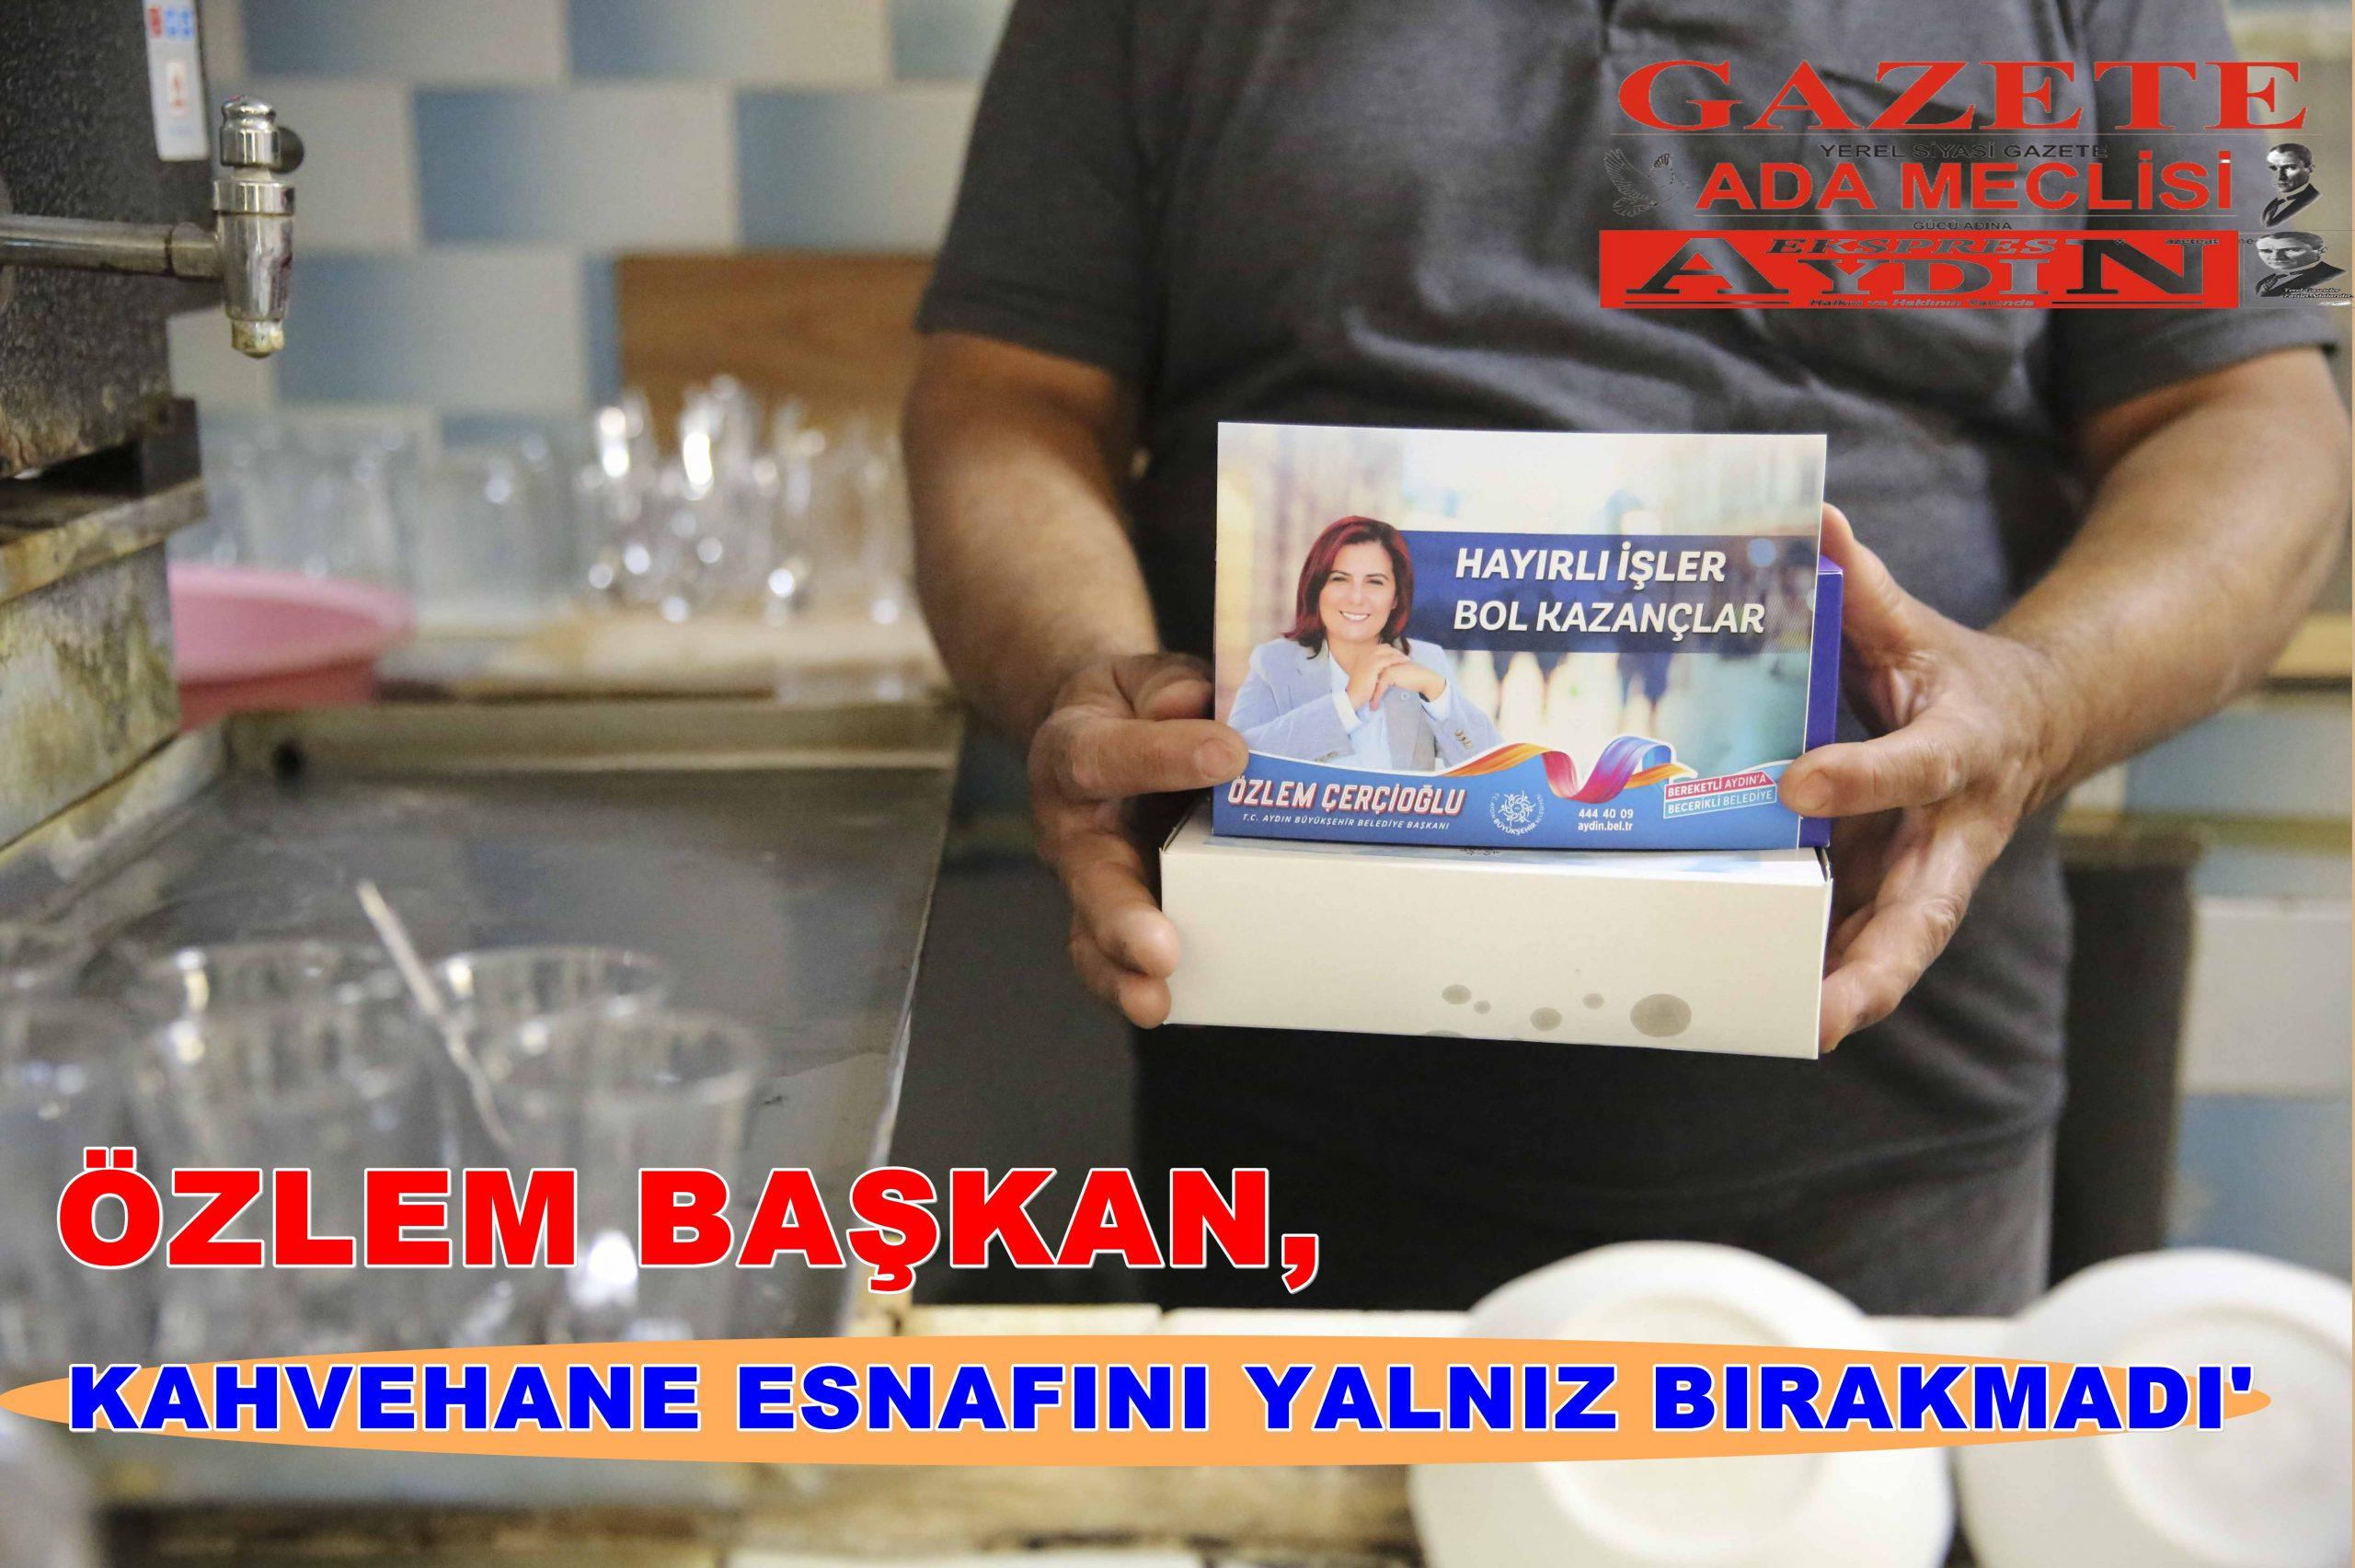 ÖZLEM BAŞKAN,KAHVEHANE ESNAFINI YALNIZ BIRAKMADI'